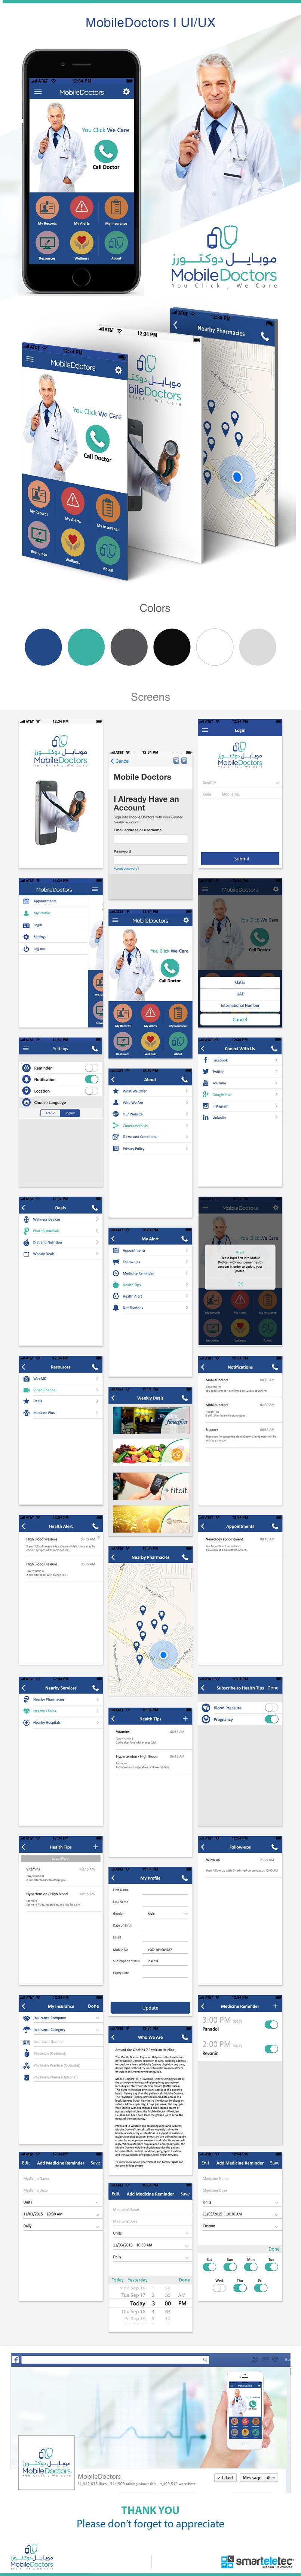 MobileDoctors I UI/UX